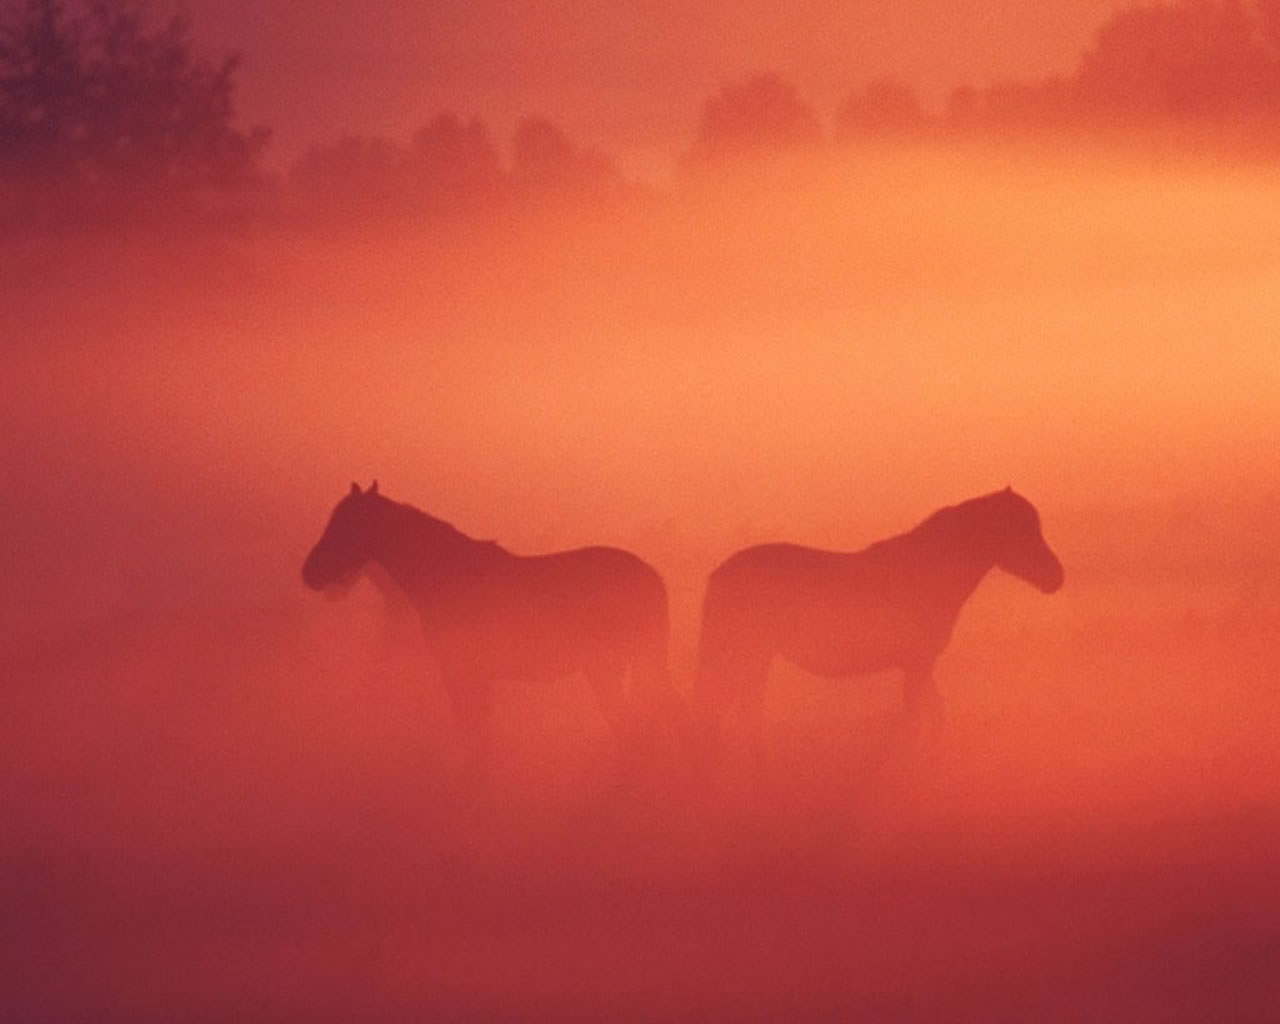 download wallpaper: paarden in de mist wallpaper